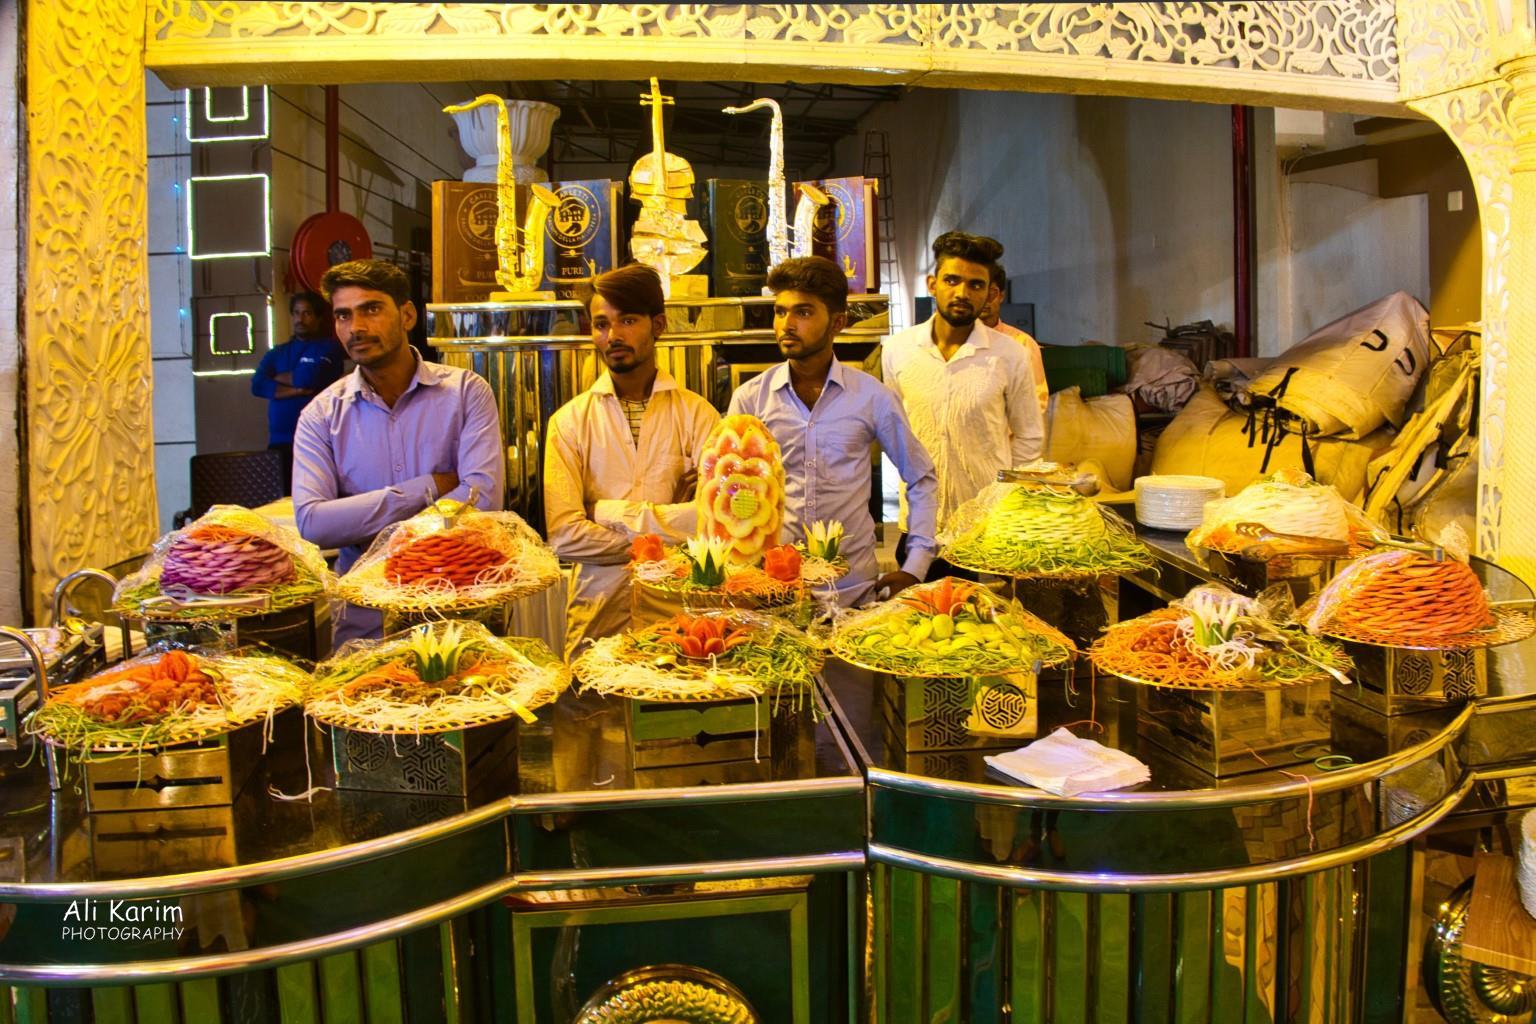 Bikaner, Rajasthan Salad bar